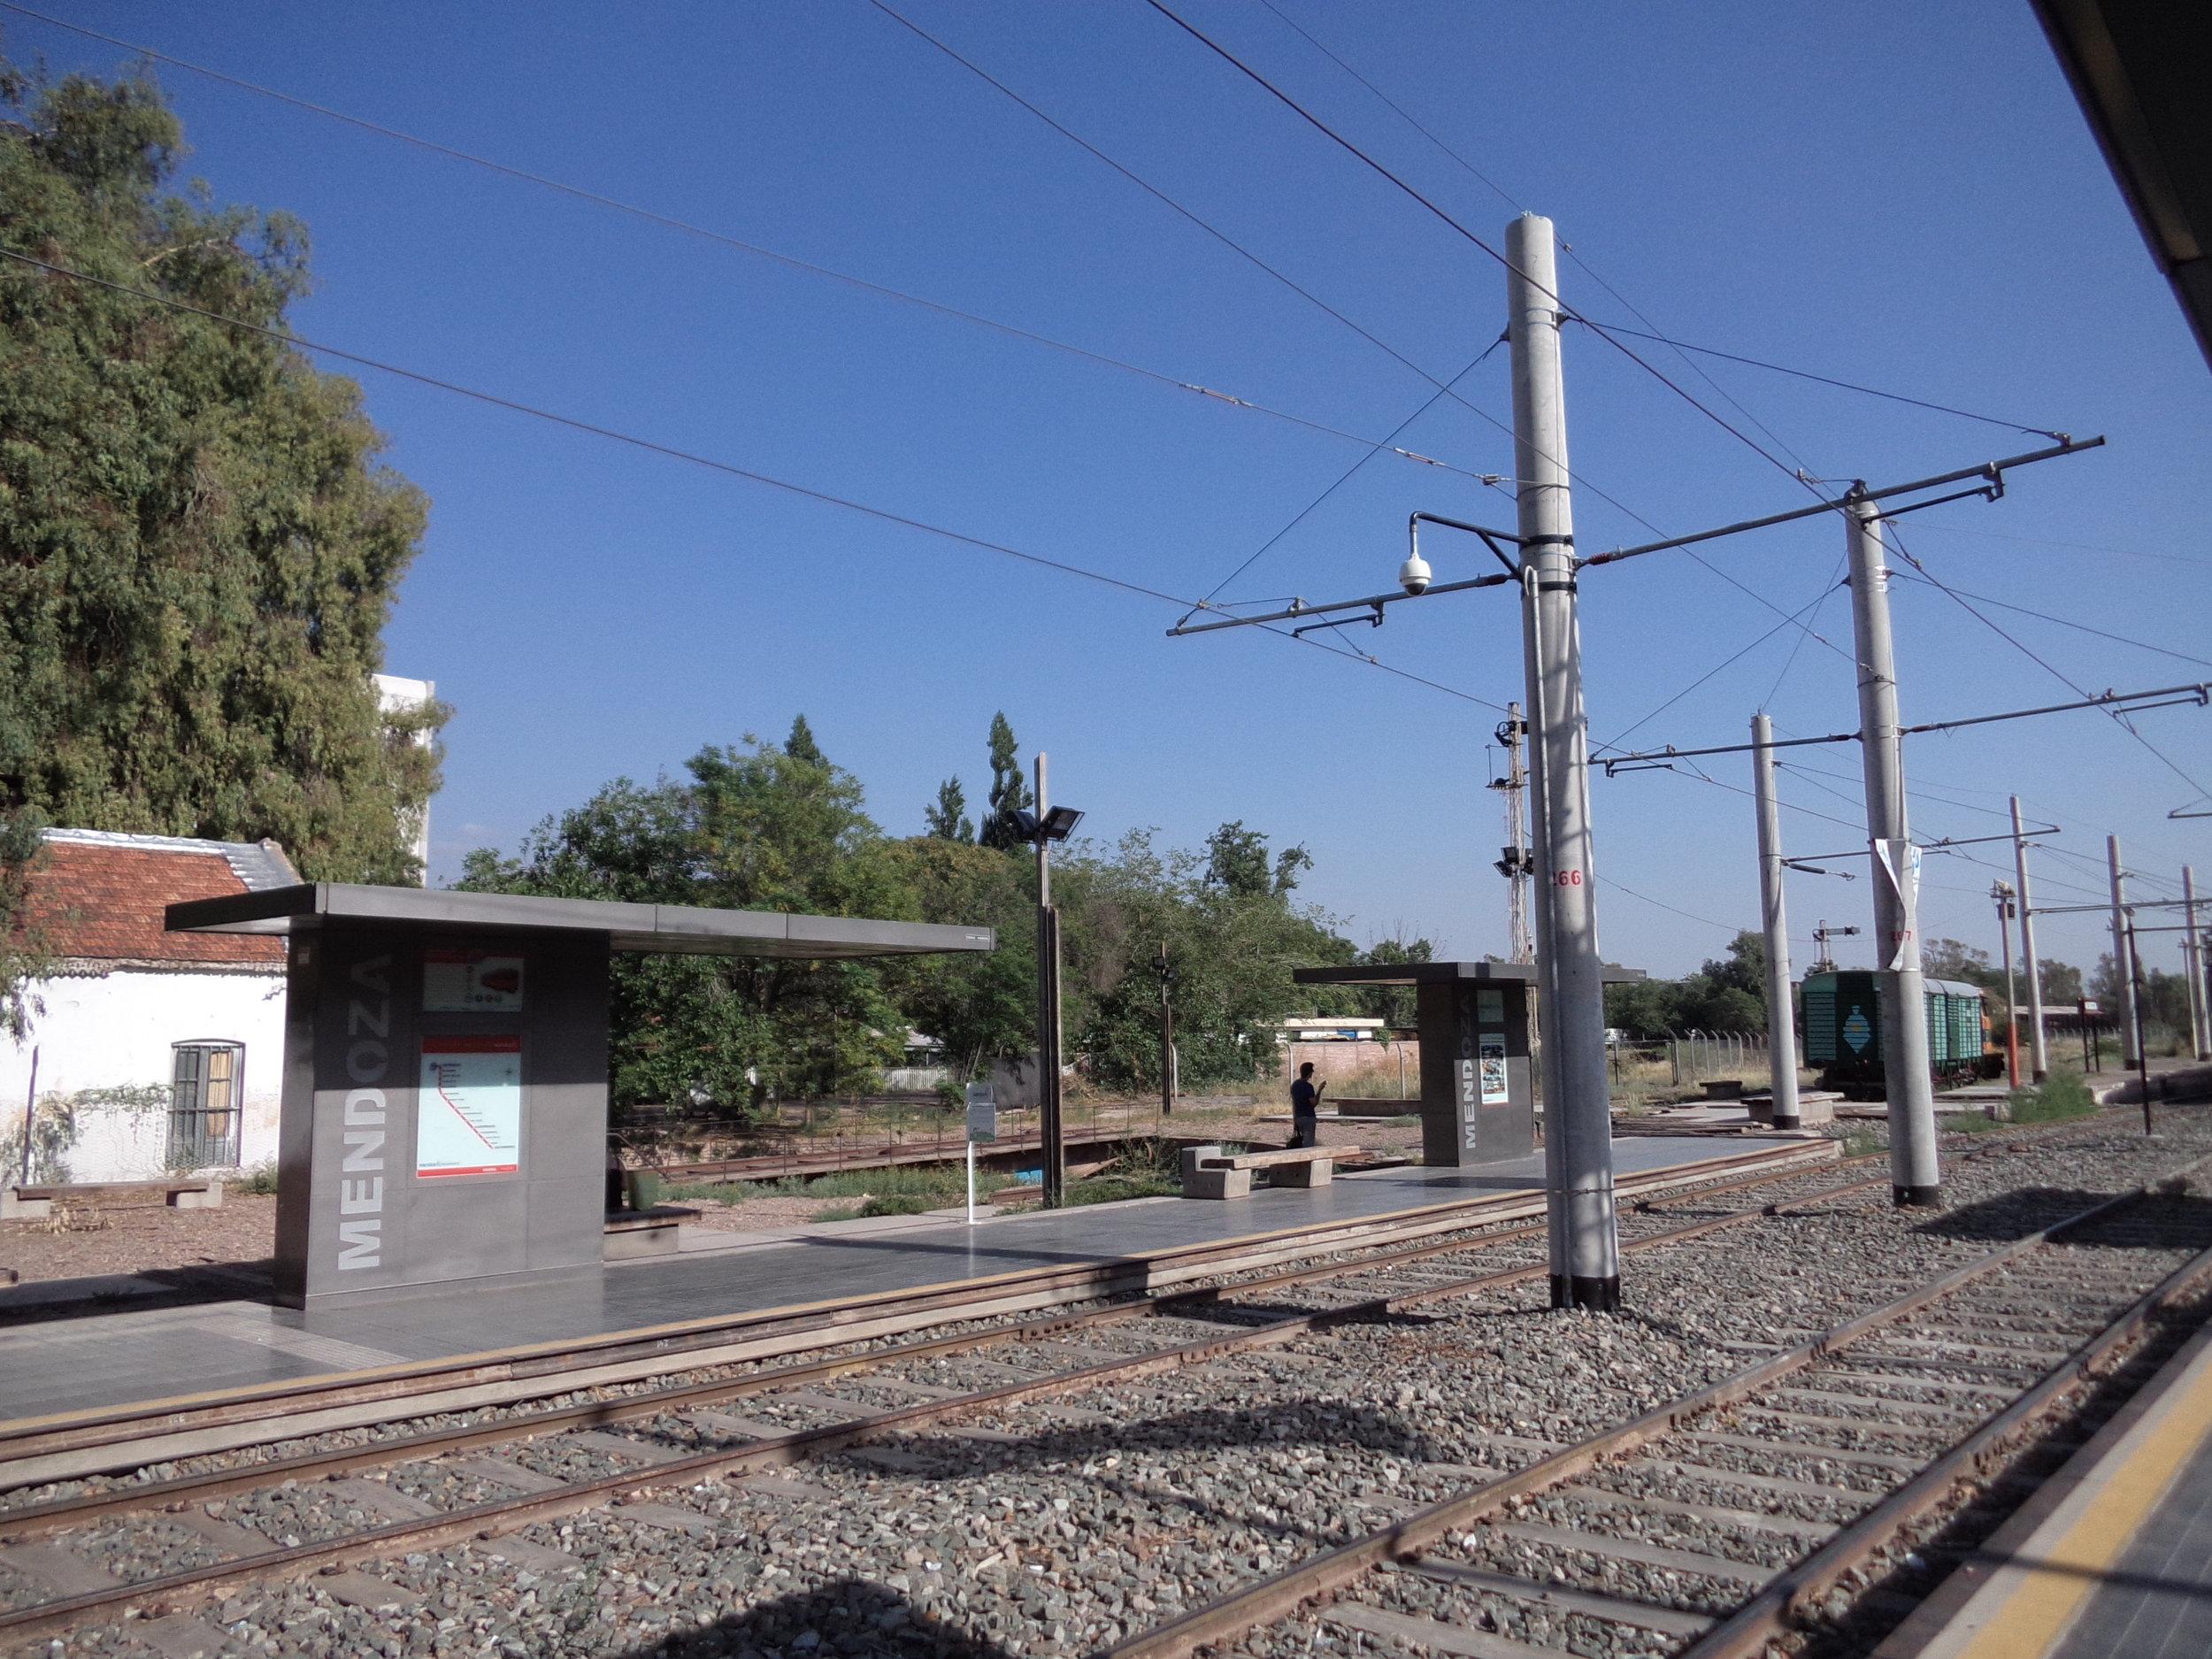 Kolejiště zrovna nezívá novotou, jednoduché přístřešky s umírněným designem nicméně špatný dojem nedělají.